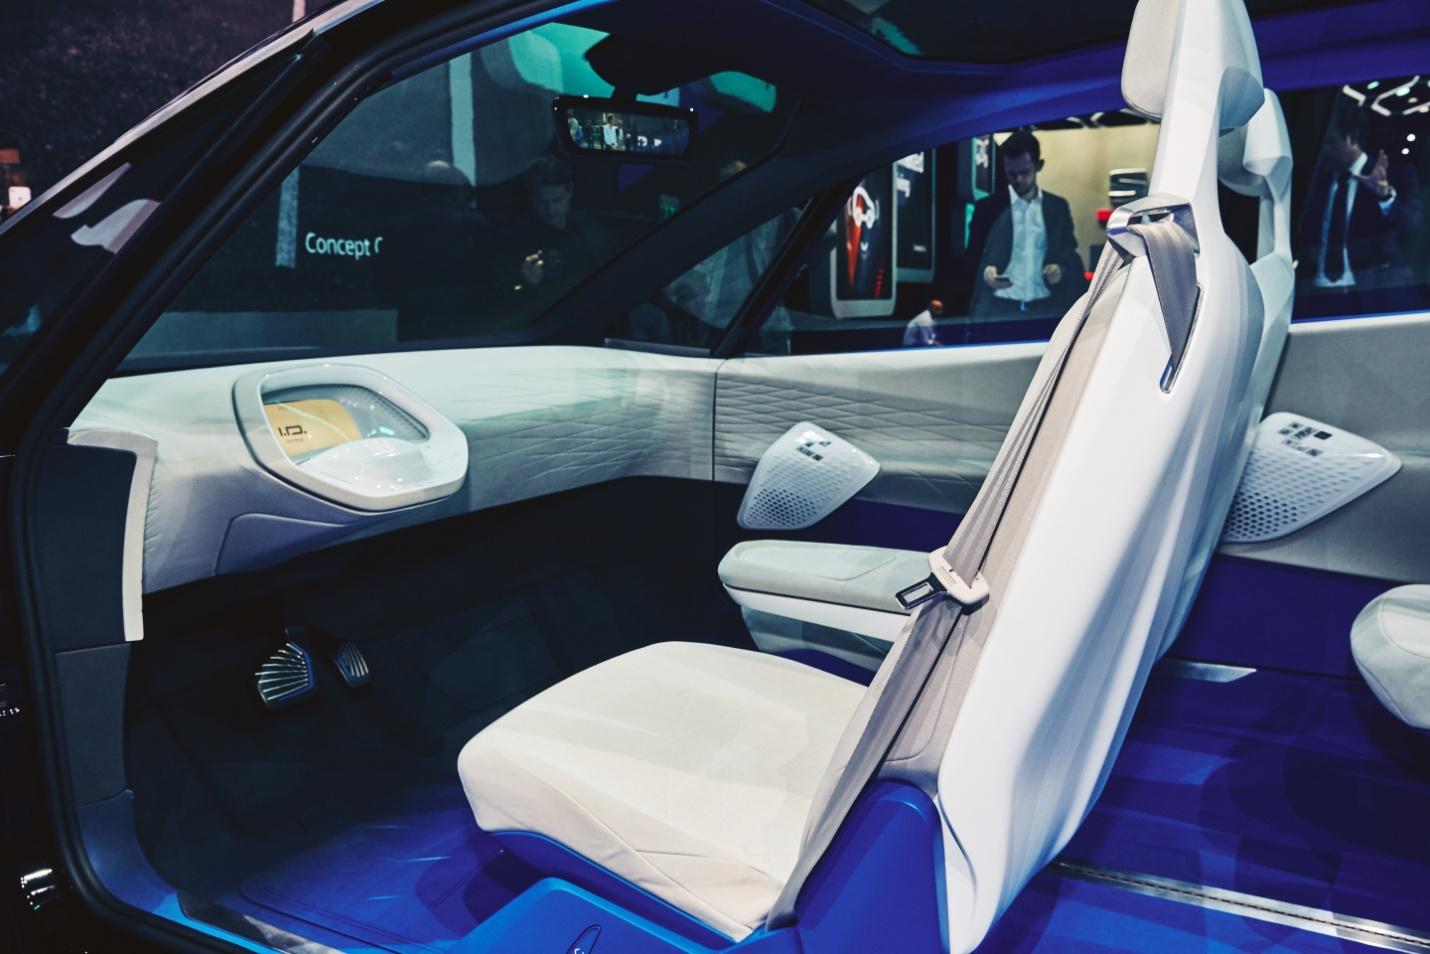 le-volant-retractable-du-concept-i-d-est-integre-dans-la-planche-de-bord